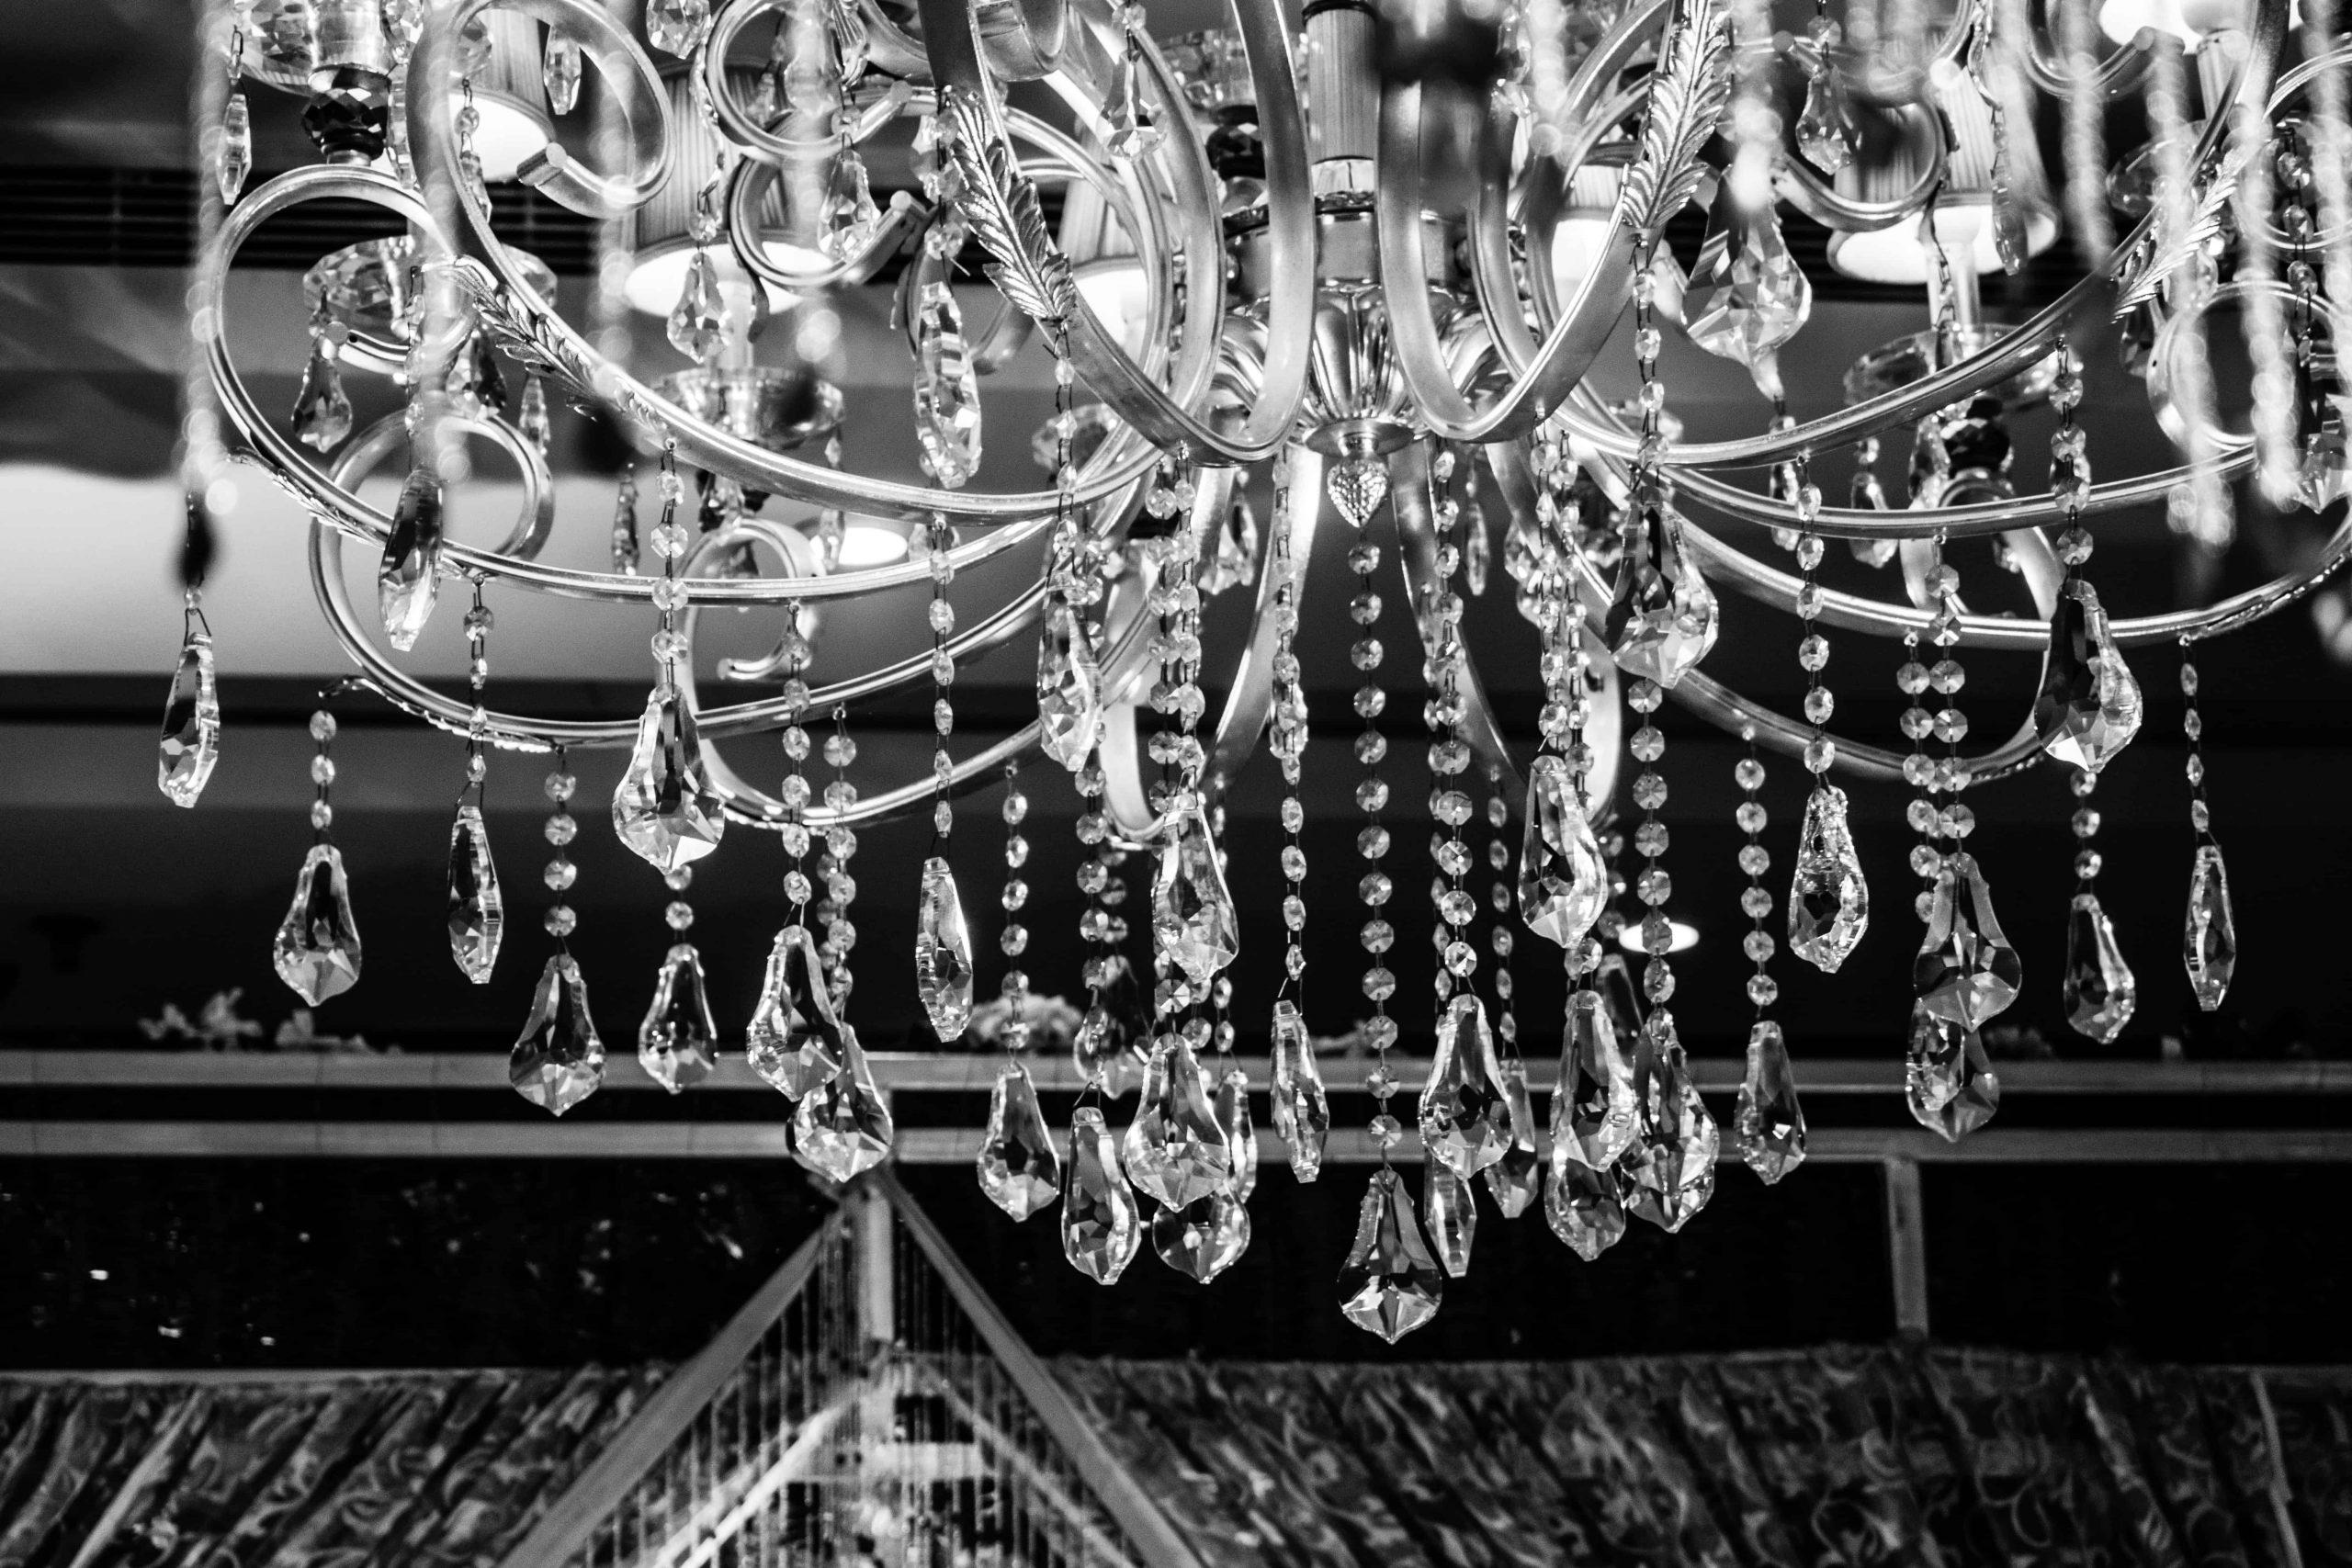 Imagem de lustre em estilo clássico em preto e branco.